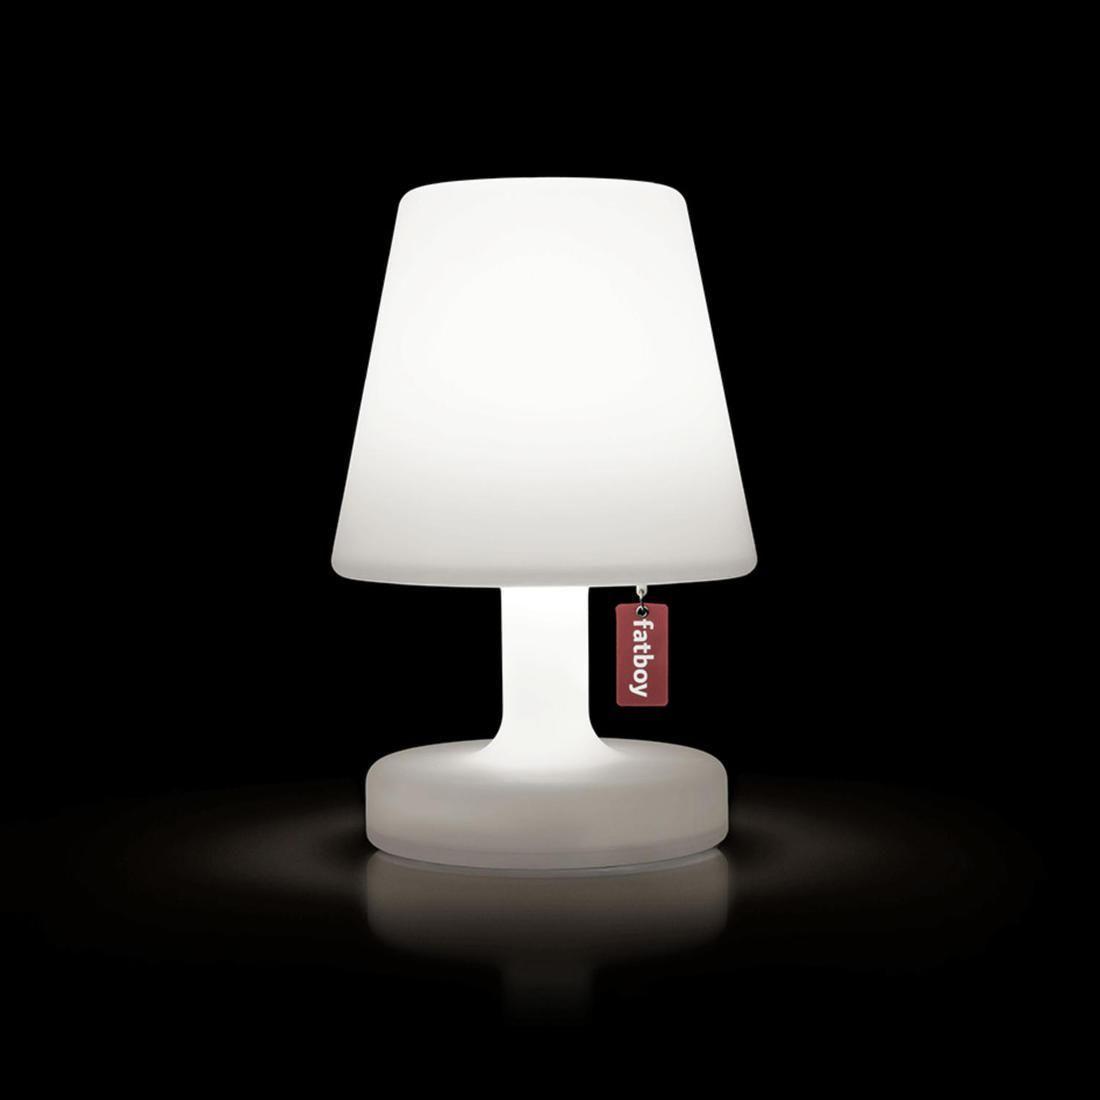 3221d523885abb1f69c727d477036728 5 Beau Lampe A Poser Rechargeable Kdh6